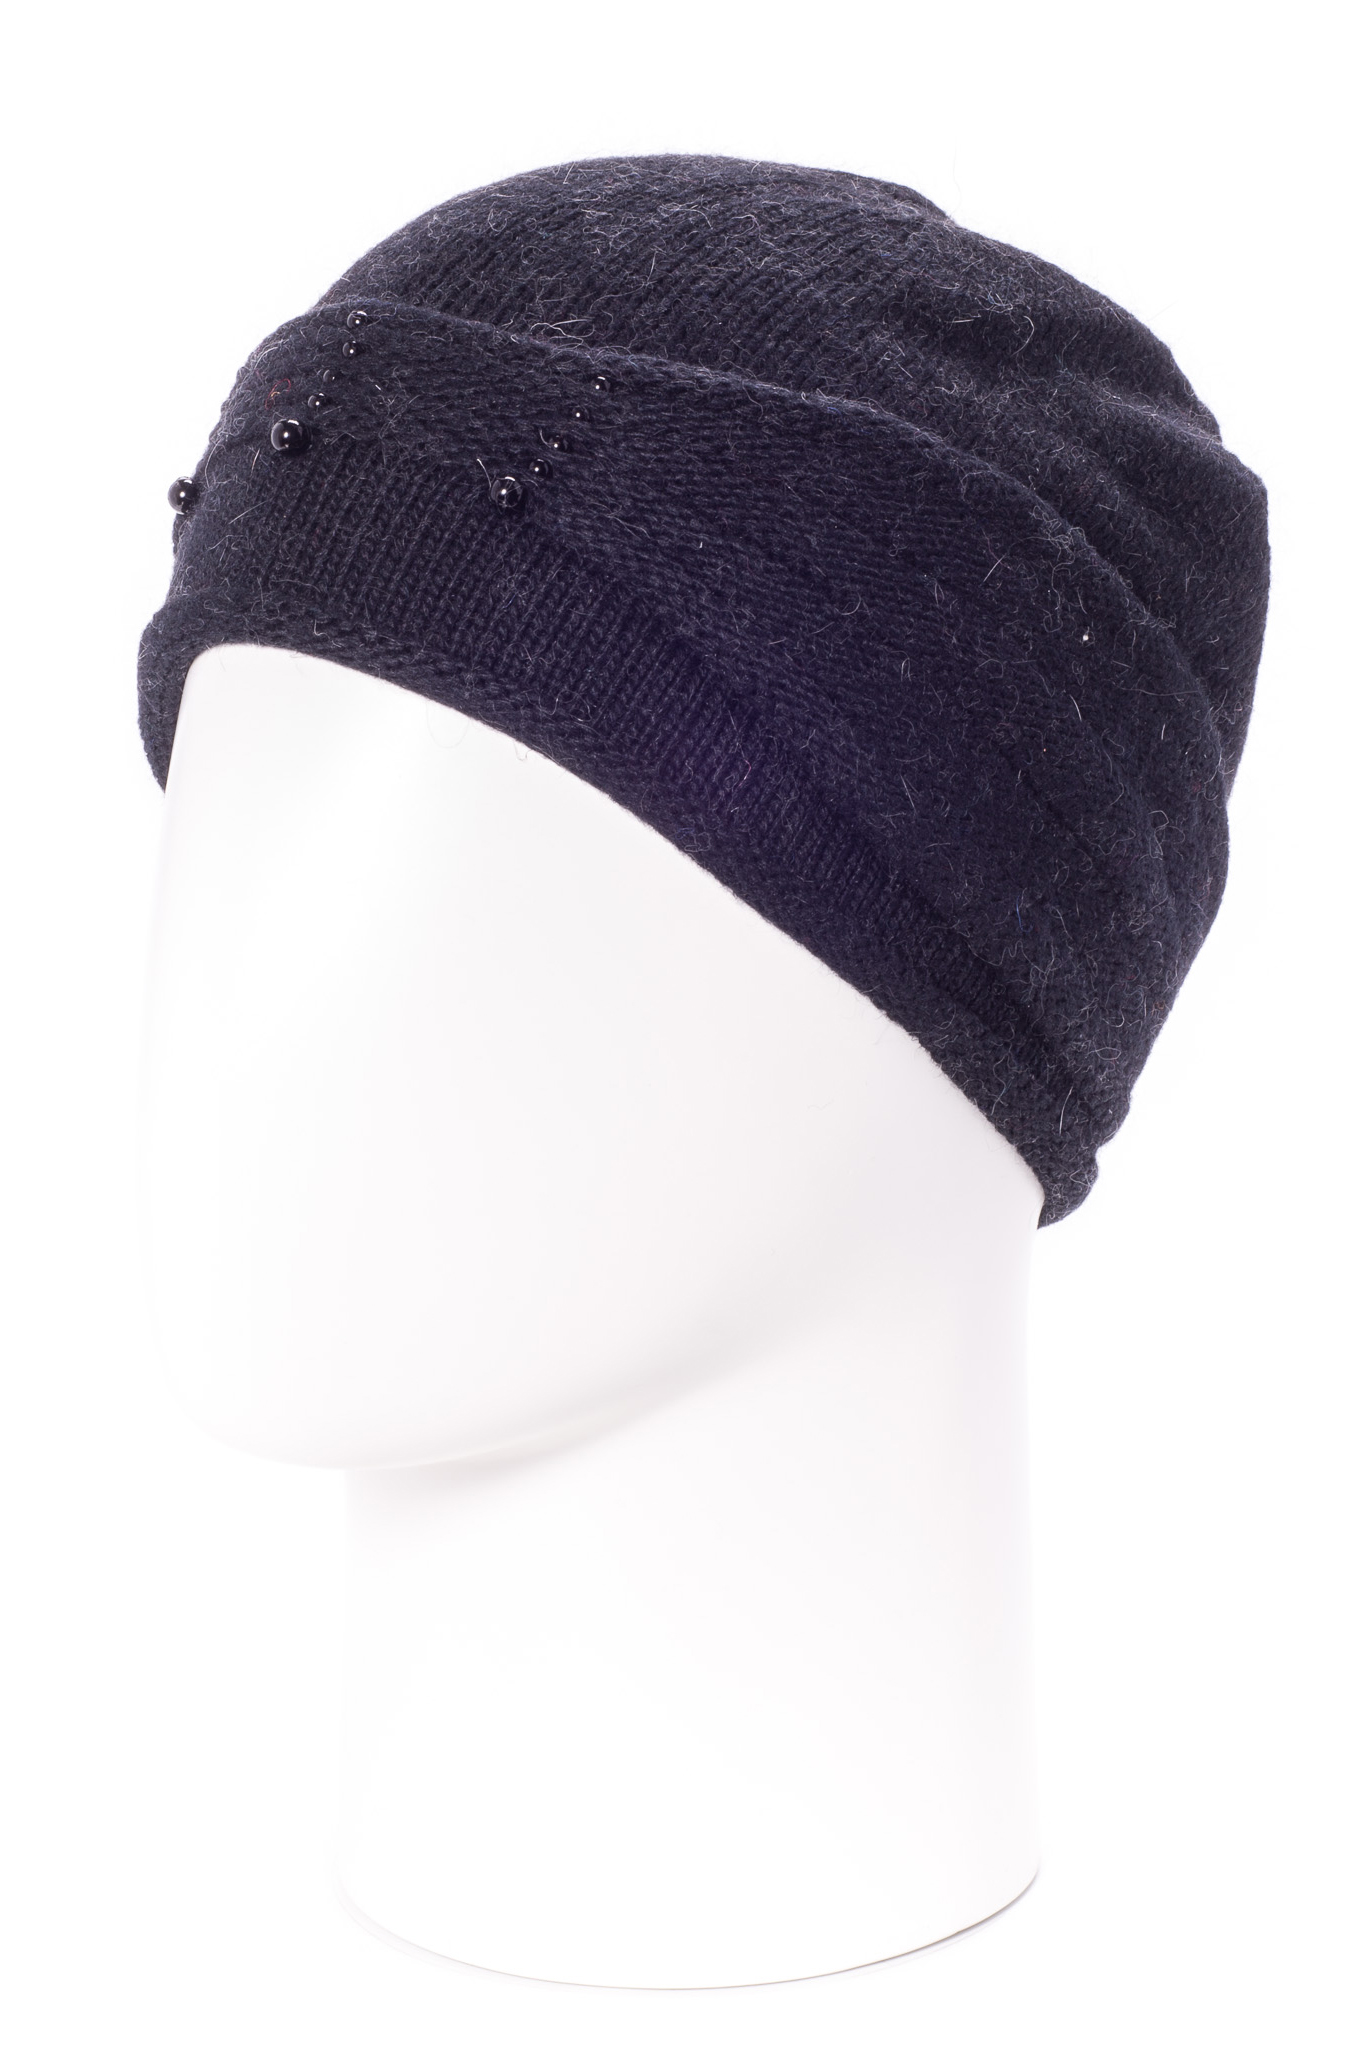 ШапкаШапки<br>Стильная шапка защитит Вас от непогоды и станет прекрасным дополнением Вашего образа.  В изделии использованы цвета: темно-синий<br><br>По материалу: Вязаные<br>По рисунку: Однотонные<br>По элементам: С декором<br>По сезону: Зима<br>Размер : universal<br>Материал: Вязаное полотно<br>Количество в наличии: 1